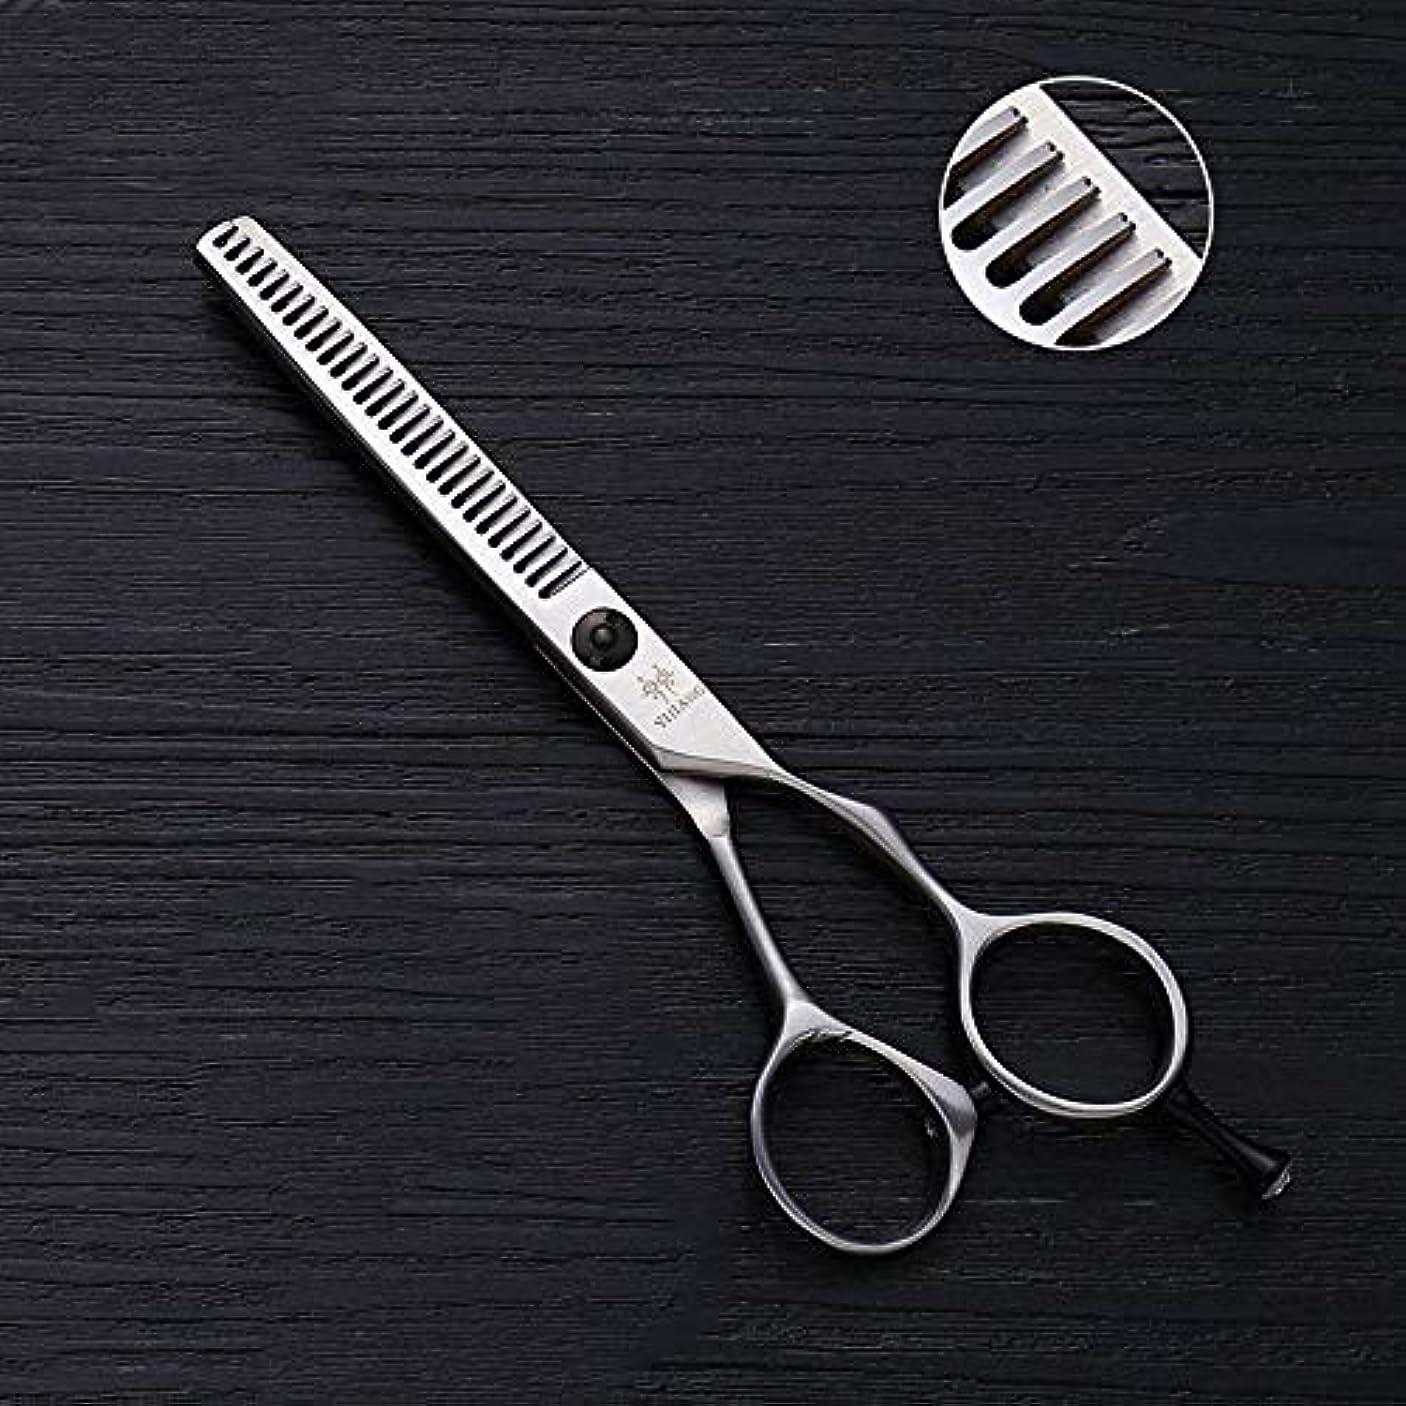 否認するつば控えめな理髪用はさみ 28本の間伐はさみ、ステンレス鋼のV歯の毛の切断、5インチの理髪はさみ毛の切断のはさみステンレスの理髪師のはさみ (色 : Silver)